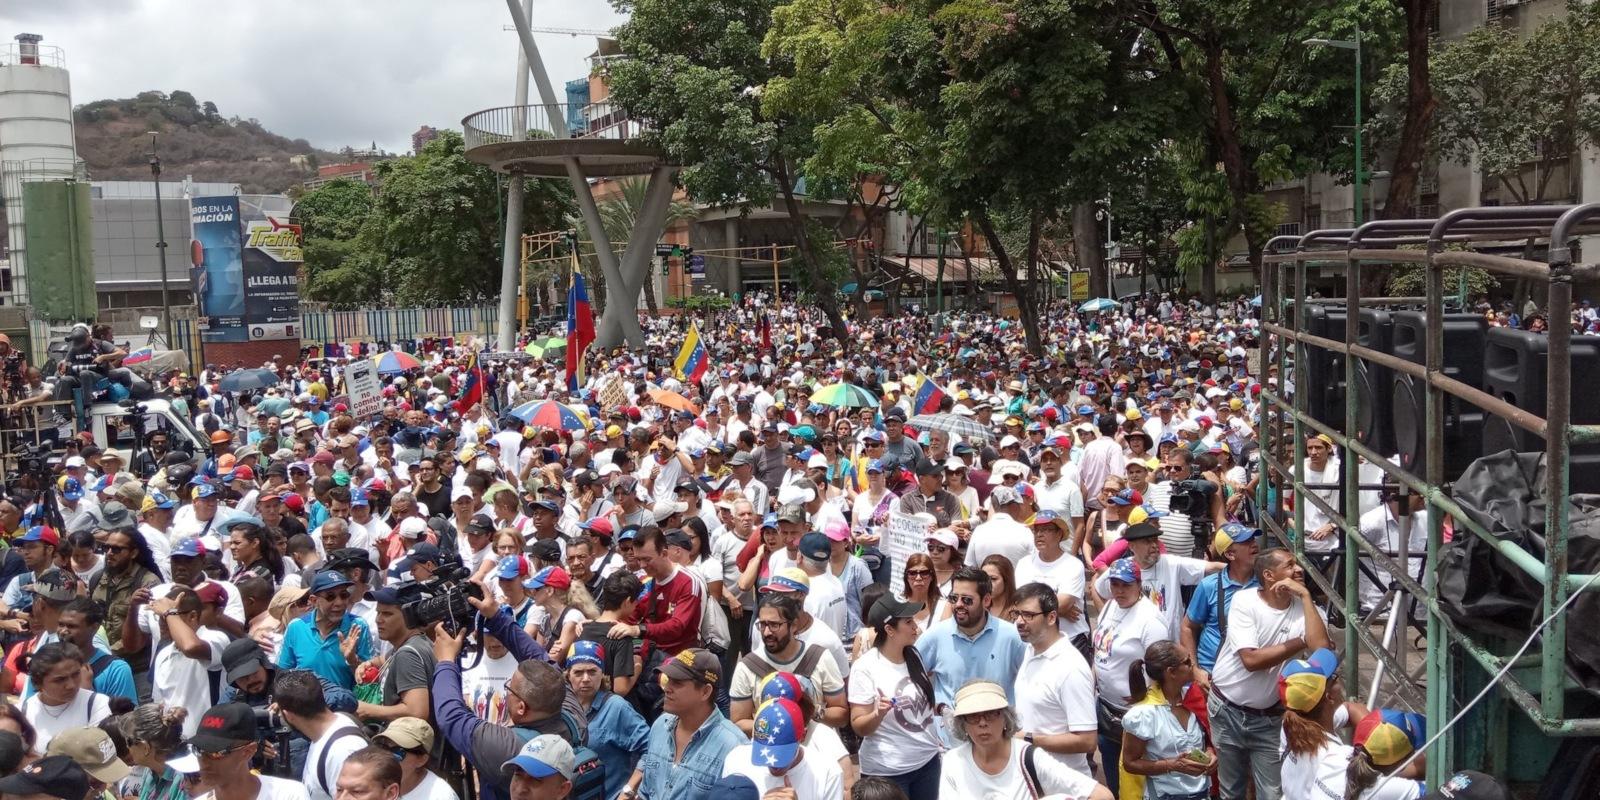 Durante una nueva jornada de protestas, Guaidó llamó a no desfallecer